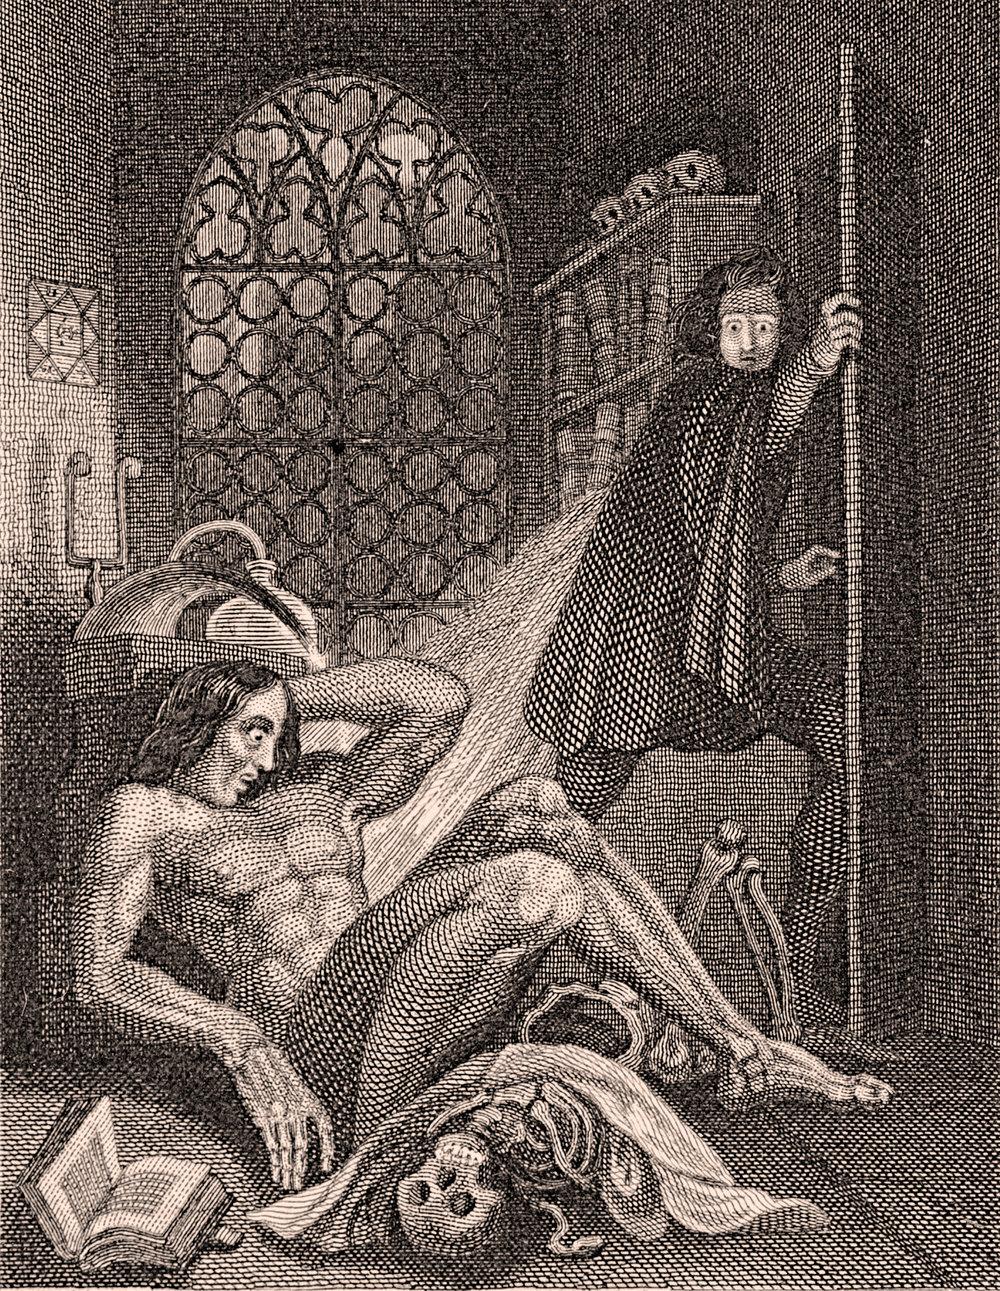 Original Illustration of Frankenstein's Monster, Theodore Von Holst, 1831 | PC: Wikimedia